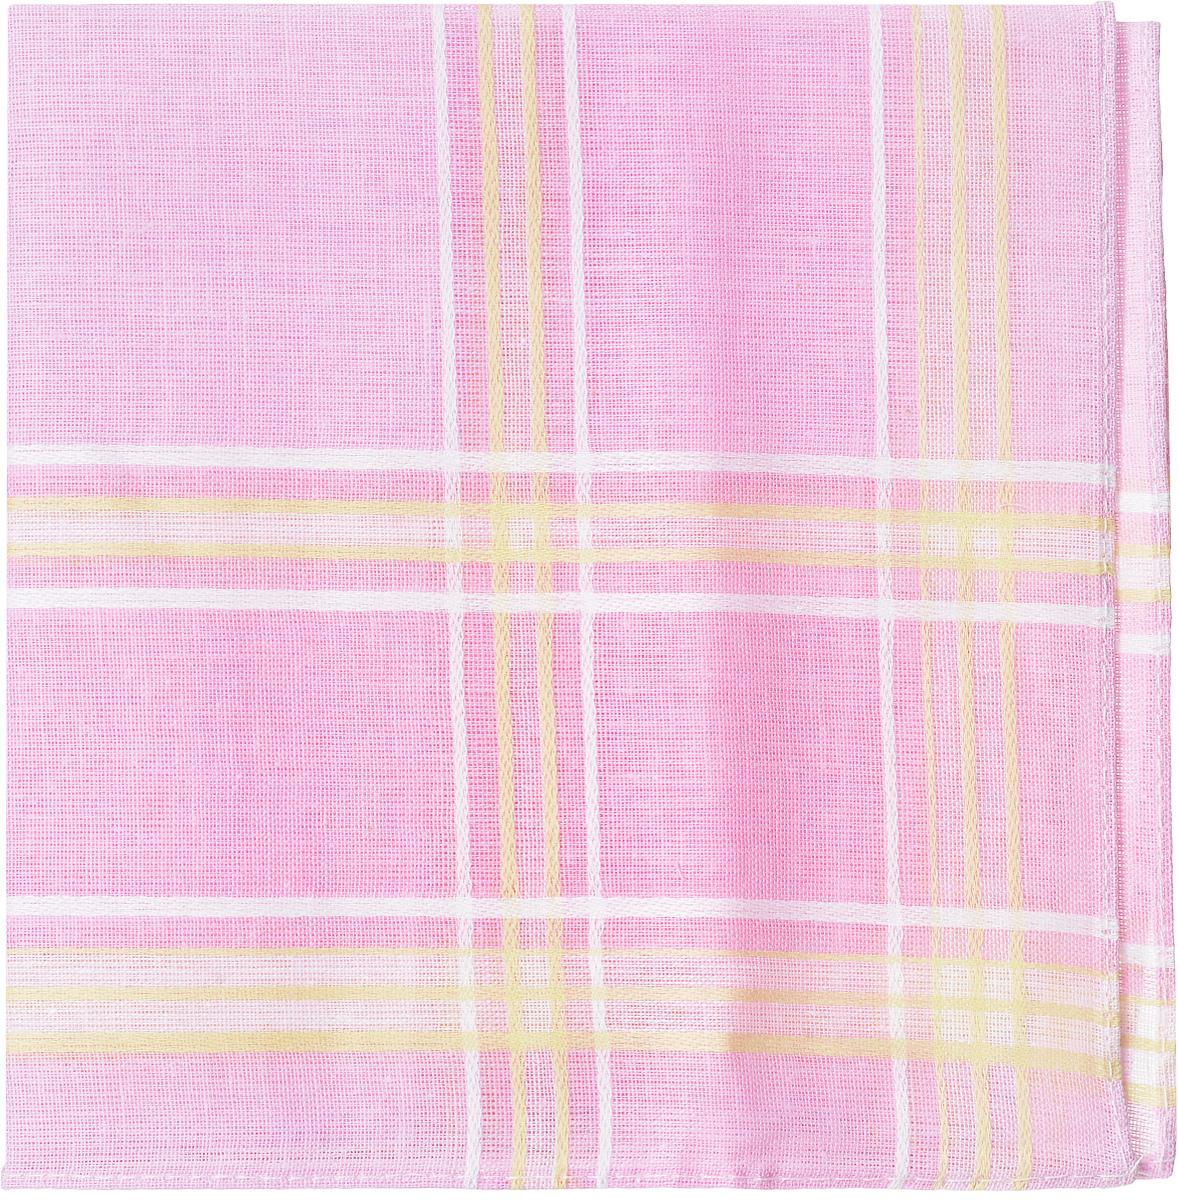 Платок носовой женский Zlata Korunka, цвет: розовый, белый, желтый. 45471. Размер 27 см х 27 см45471_розовый, белый, желтыйЖенский носовой платой Zlata Korunka, изготовленный из натурального хлопка, приятен в использовании и отлично впитывает влагу. Материал не садится и хорошо стирается. Модель оформлена контрастными полосками.